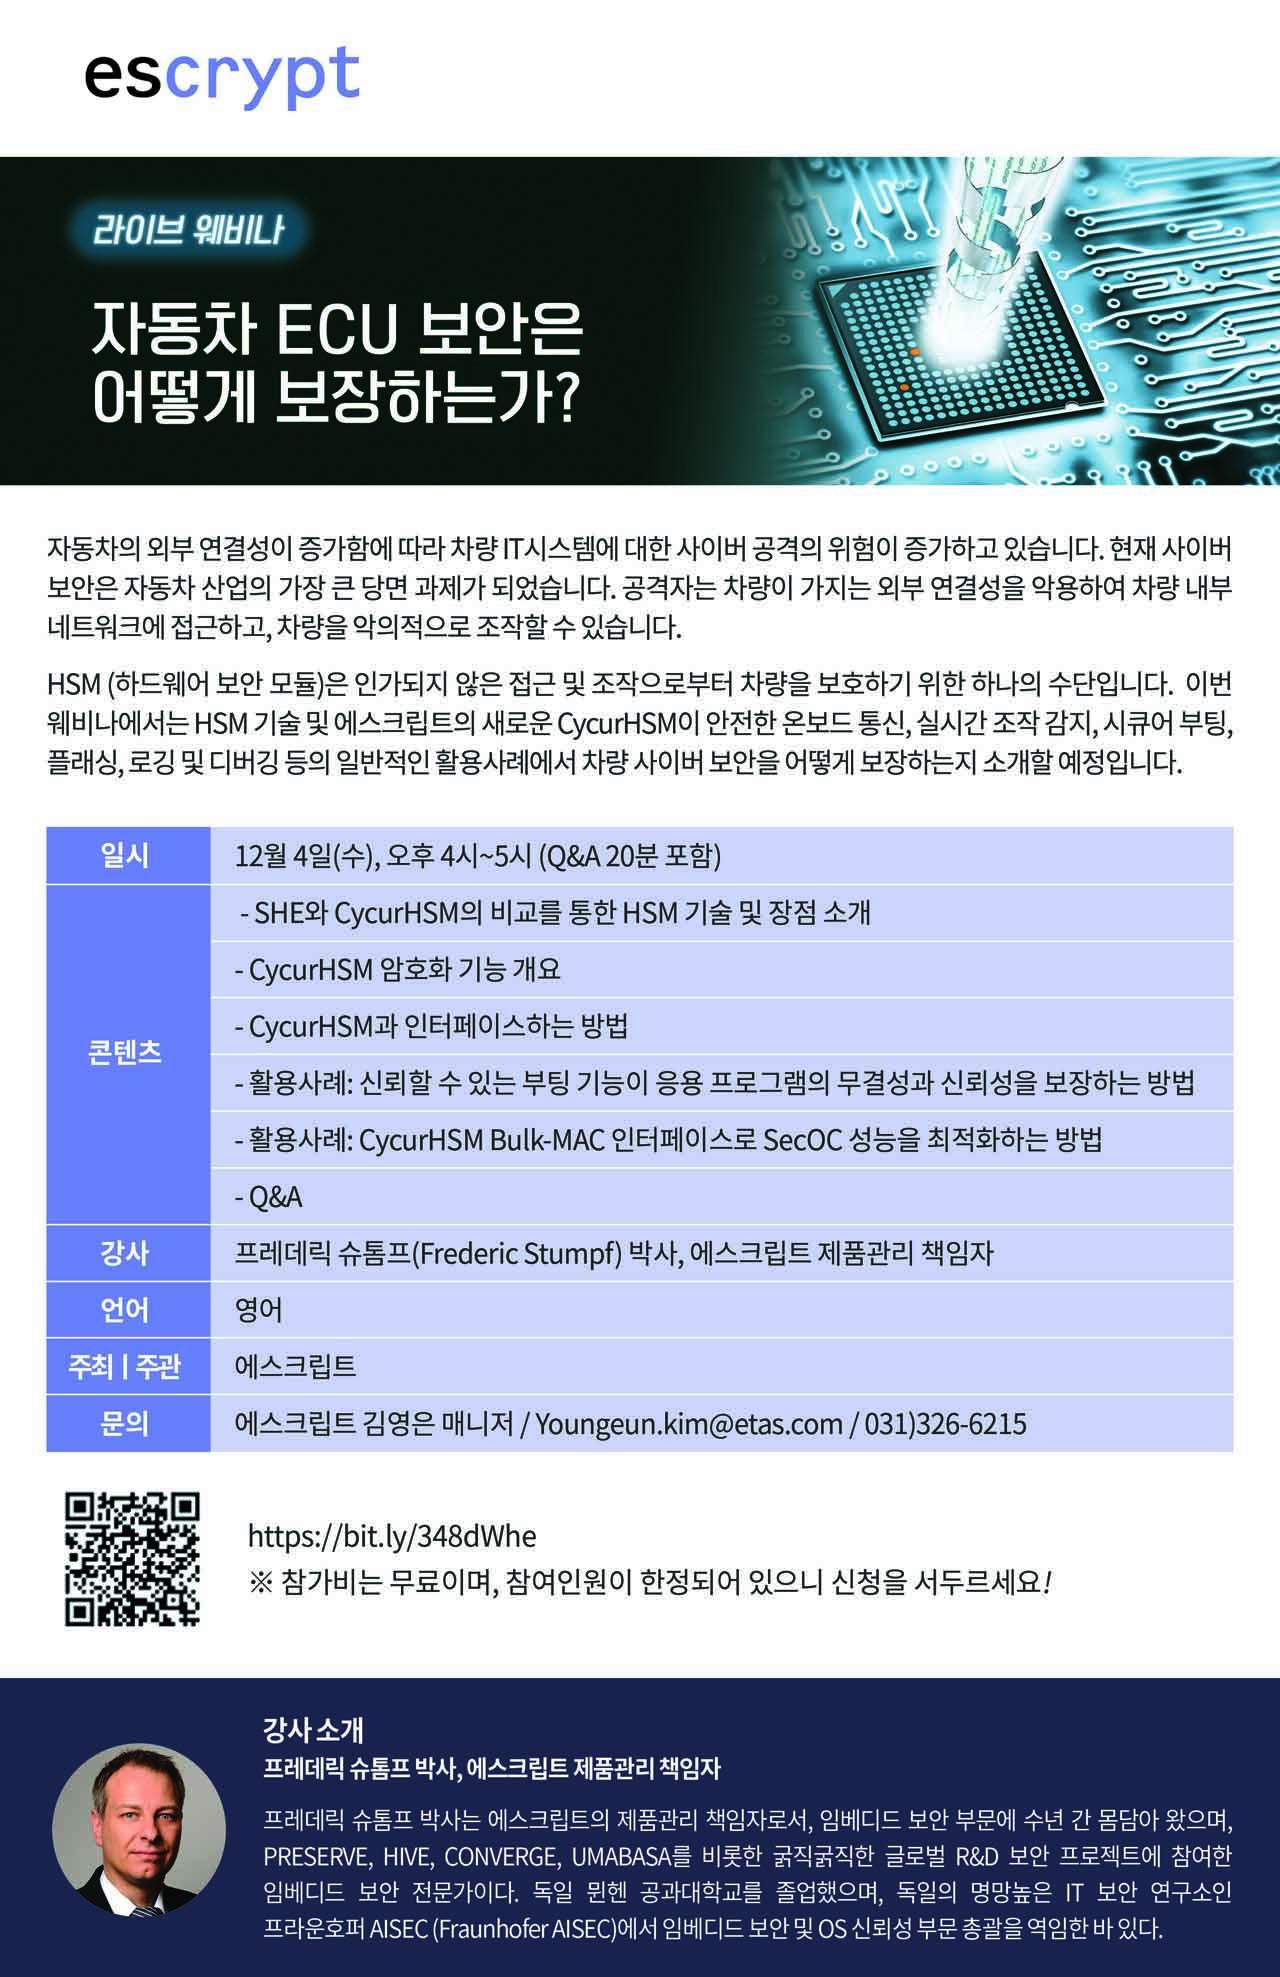 웨비나 초청장-에스크립트, 자동차 ECU 보안 무료 세미나 개최